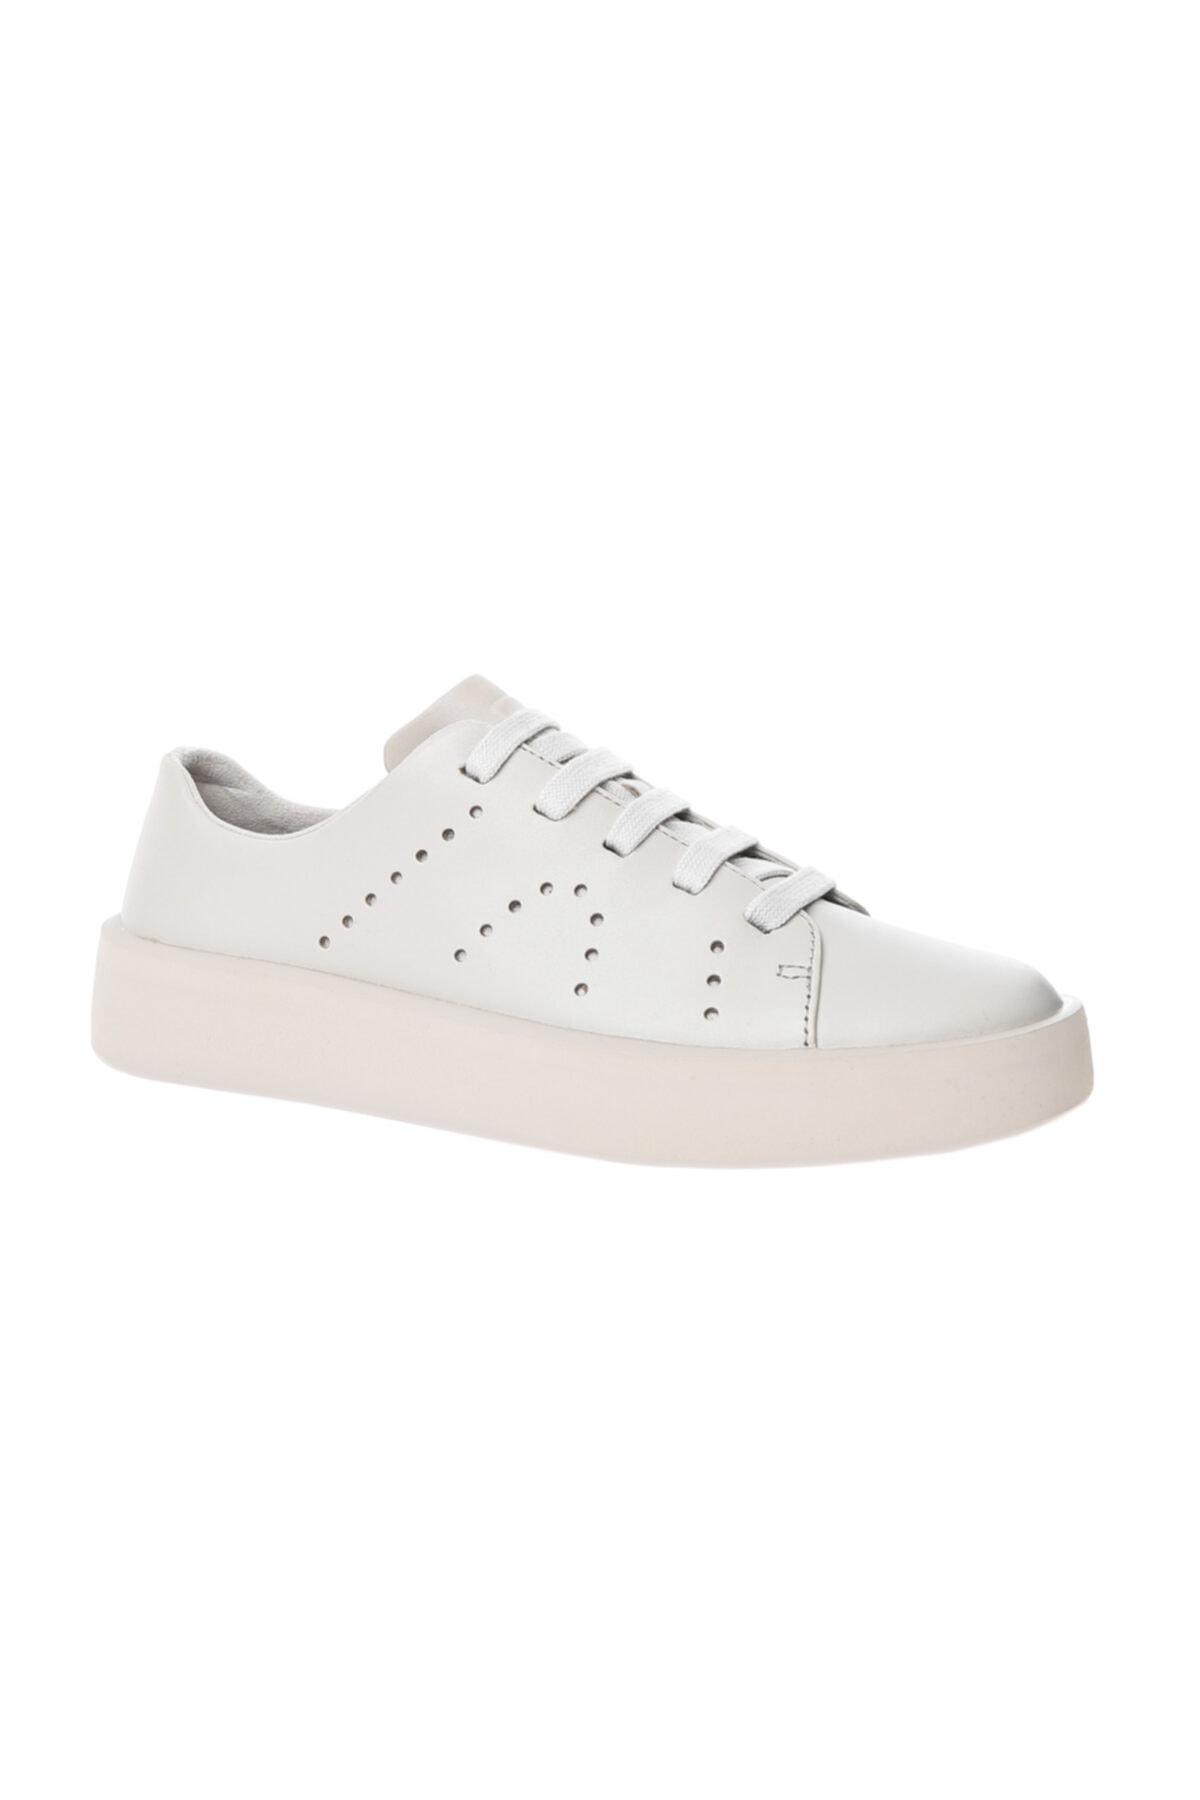 CAMPER Kadın Bej Hakiki Deri Sneaker K200945-001-39 1